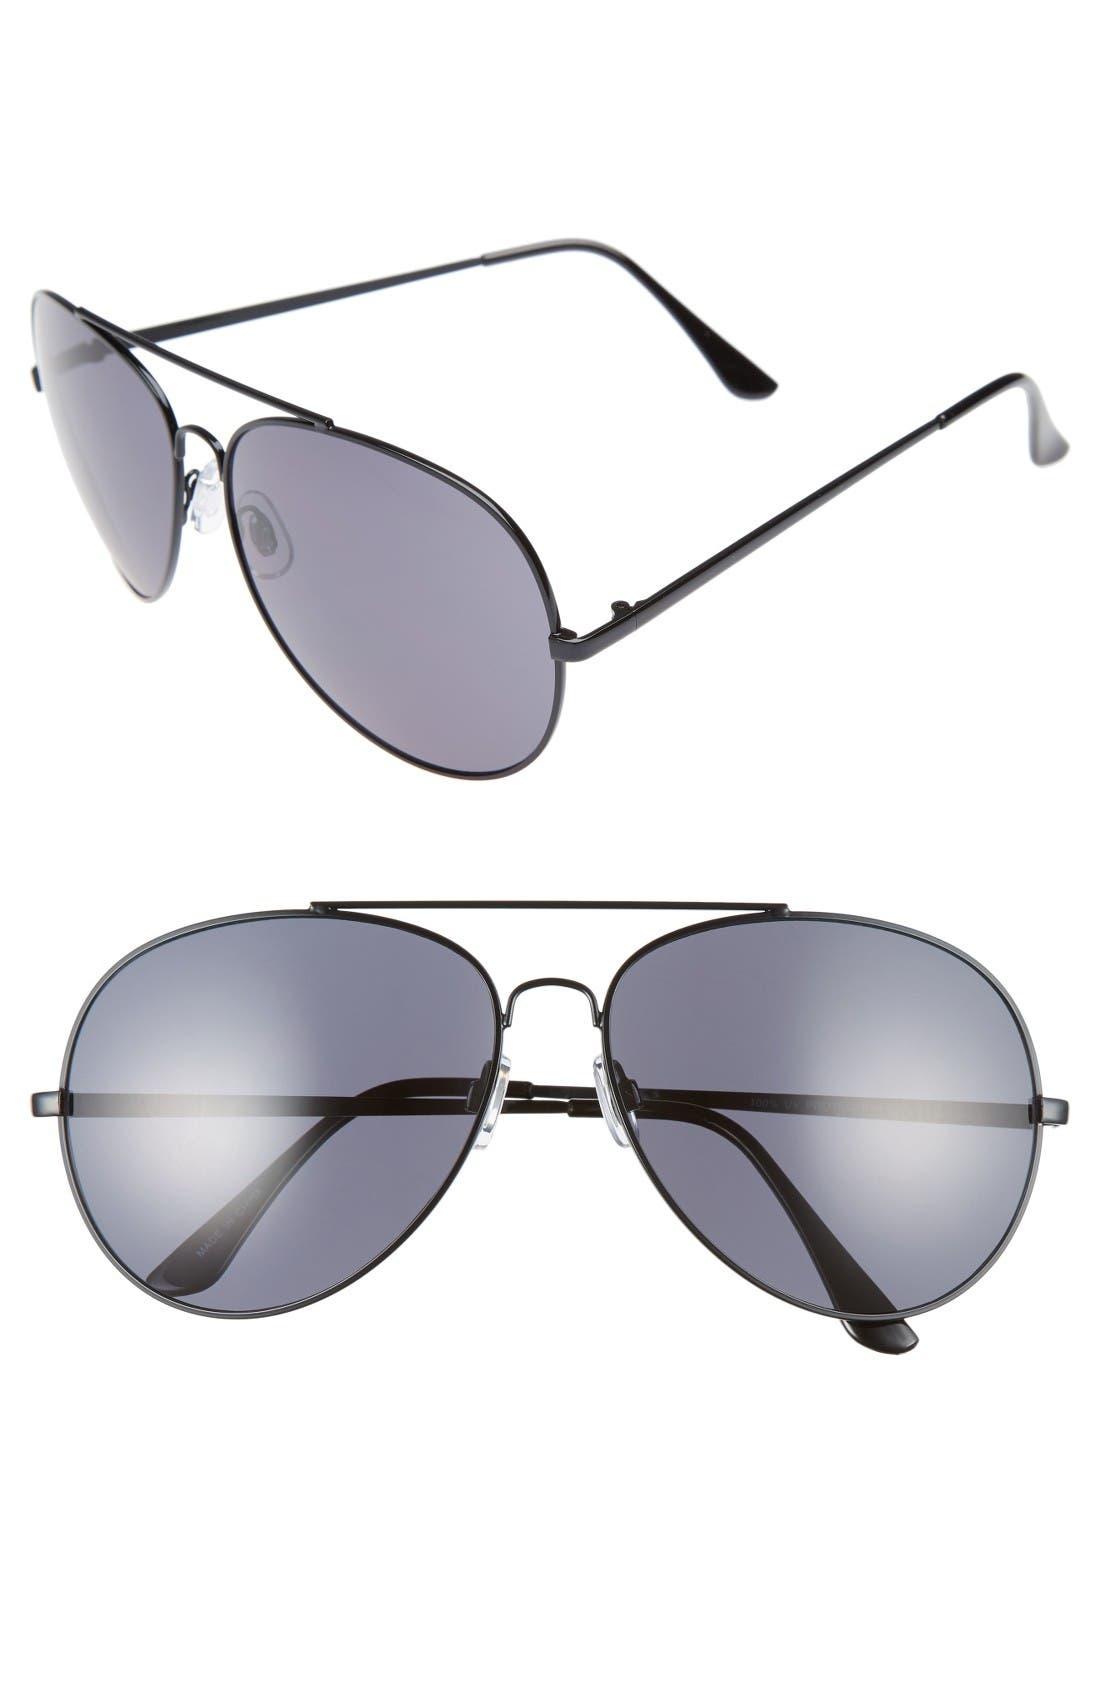 65mm Oversize Aviator Sunglasses,                             Main thumbnail 1, color,                             Black/ Black